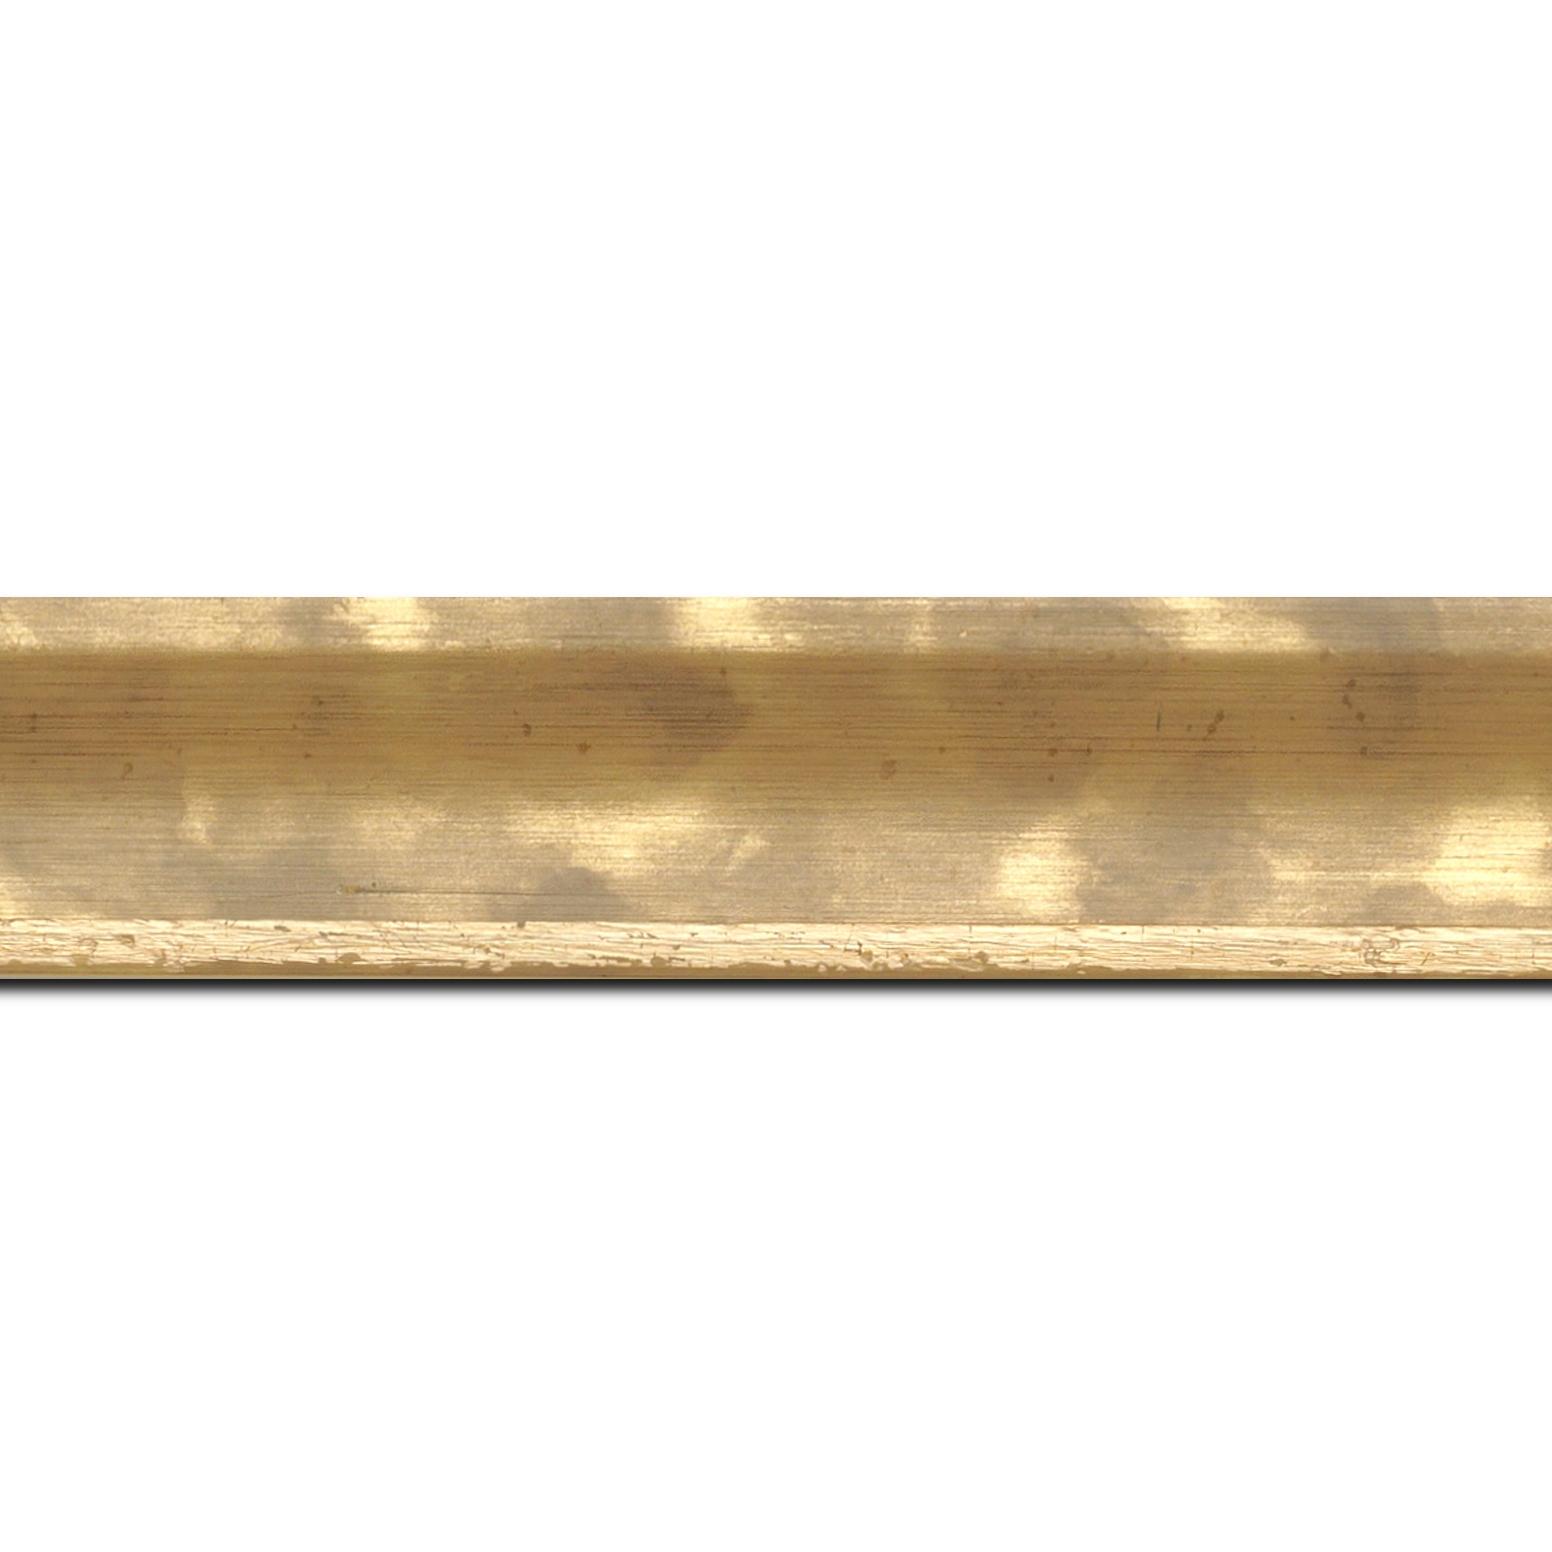 Pack par 12m, bois profil incurvé largeur 3.9cm or tamisé (longueur baguette pouvant varier entre 2.40m et 3m selon arrivage des bois)